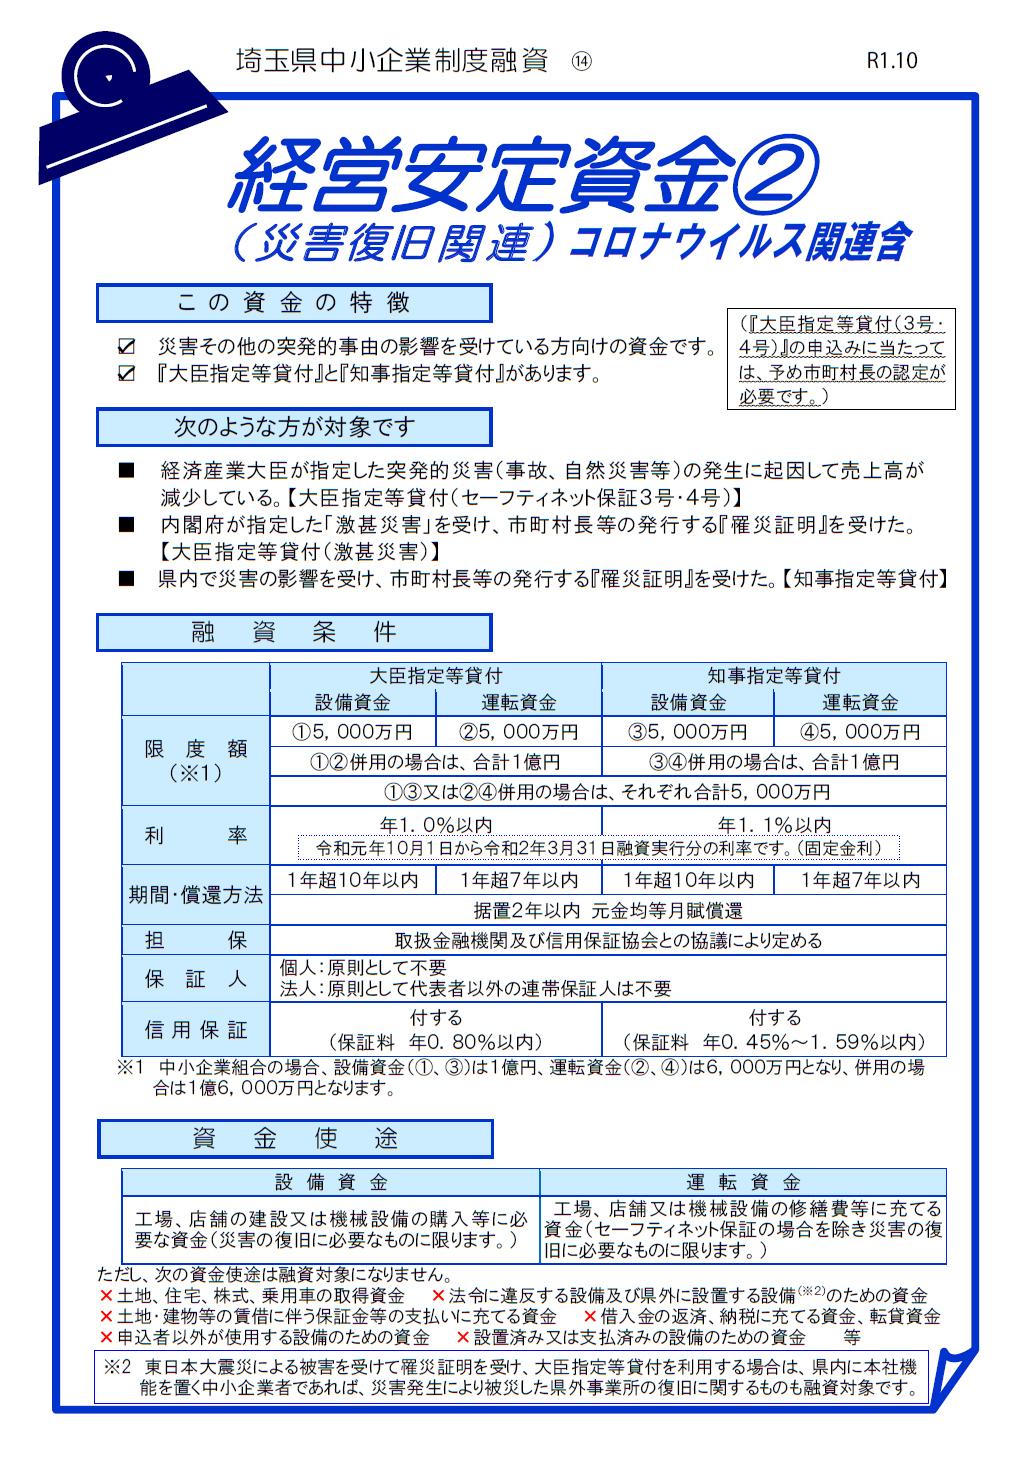 埼玉 県 コロナ ウイルス 人数